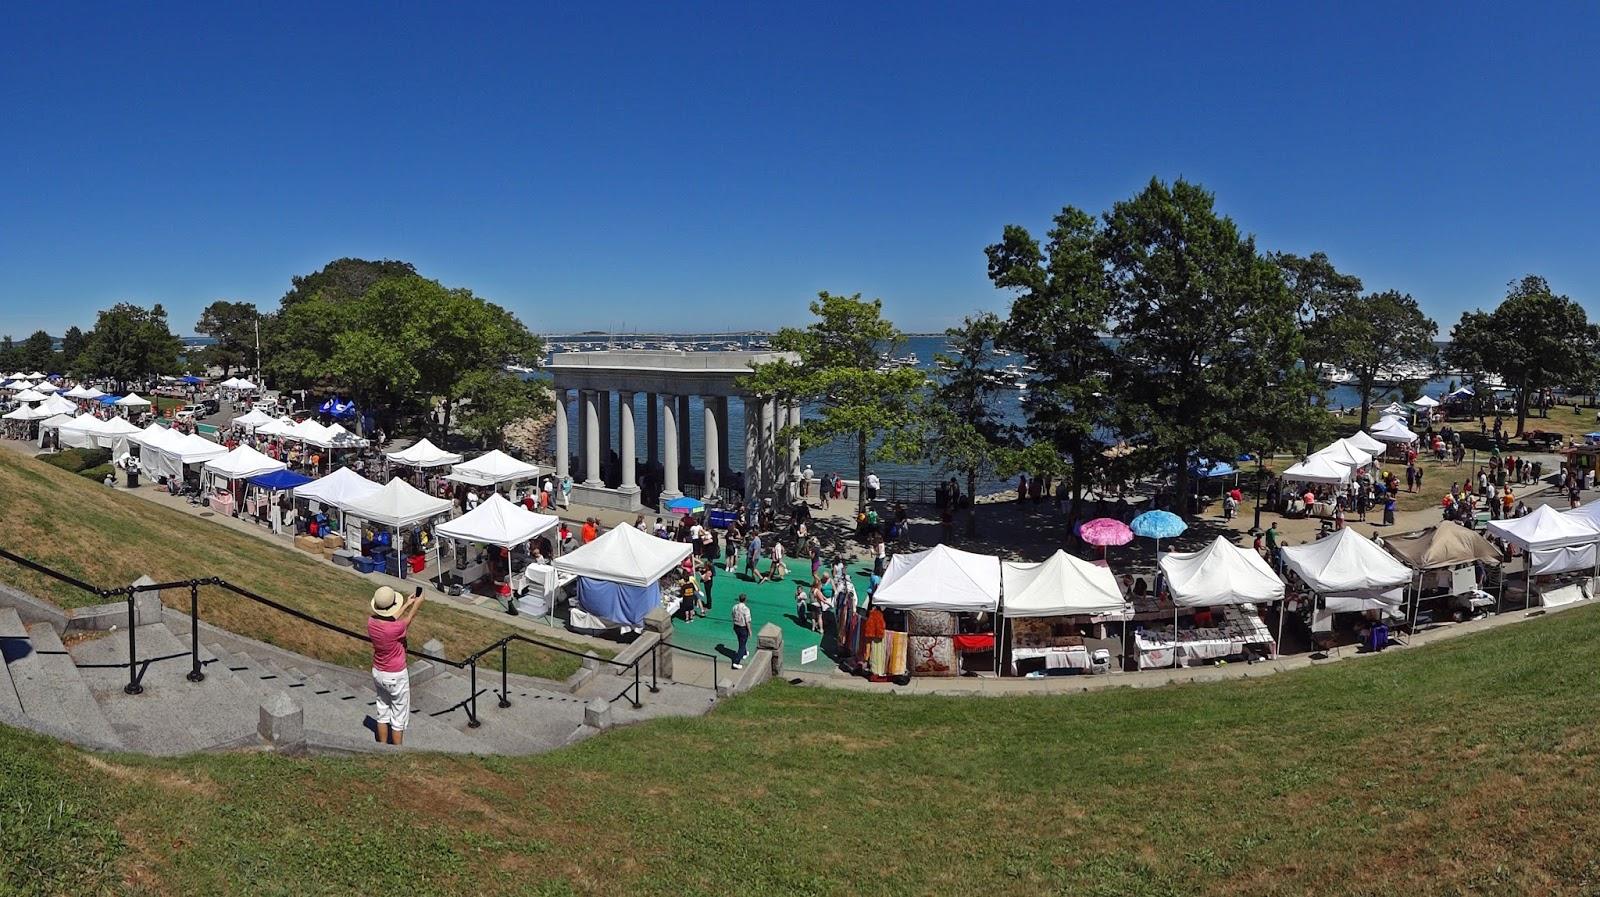 Joe S Retirement Blog Downtown Plymouth Waterfront